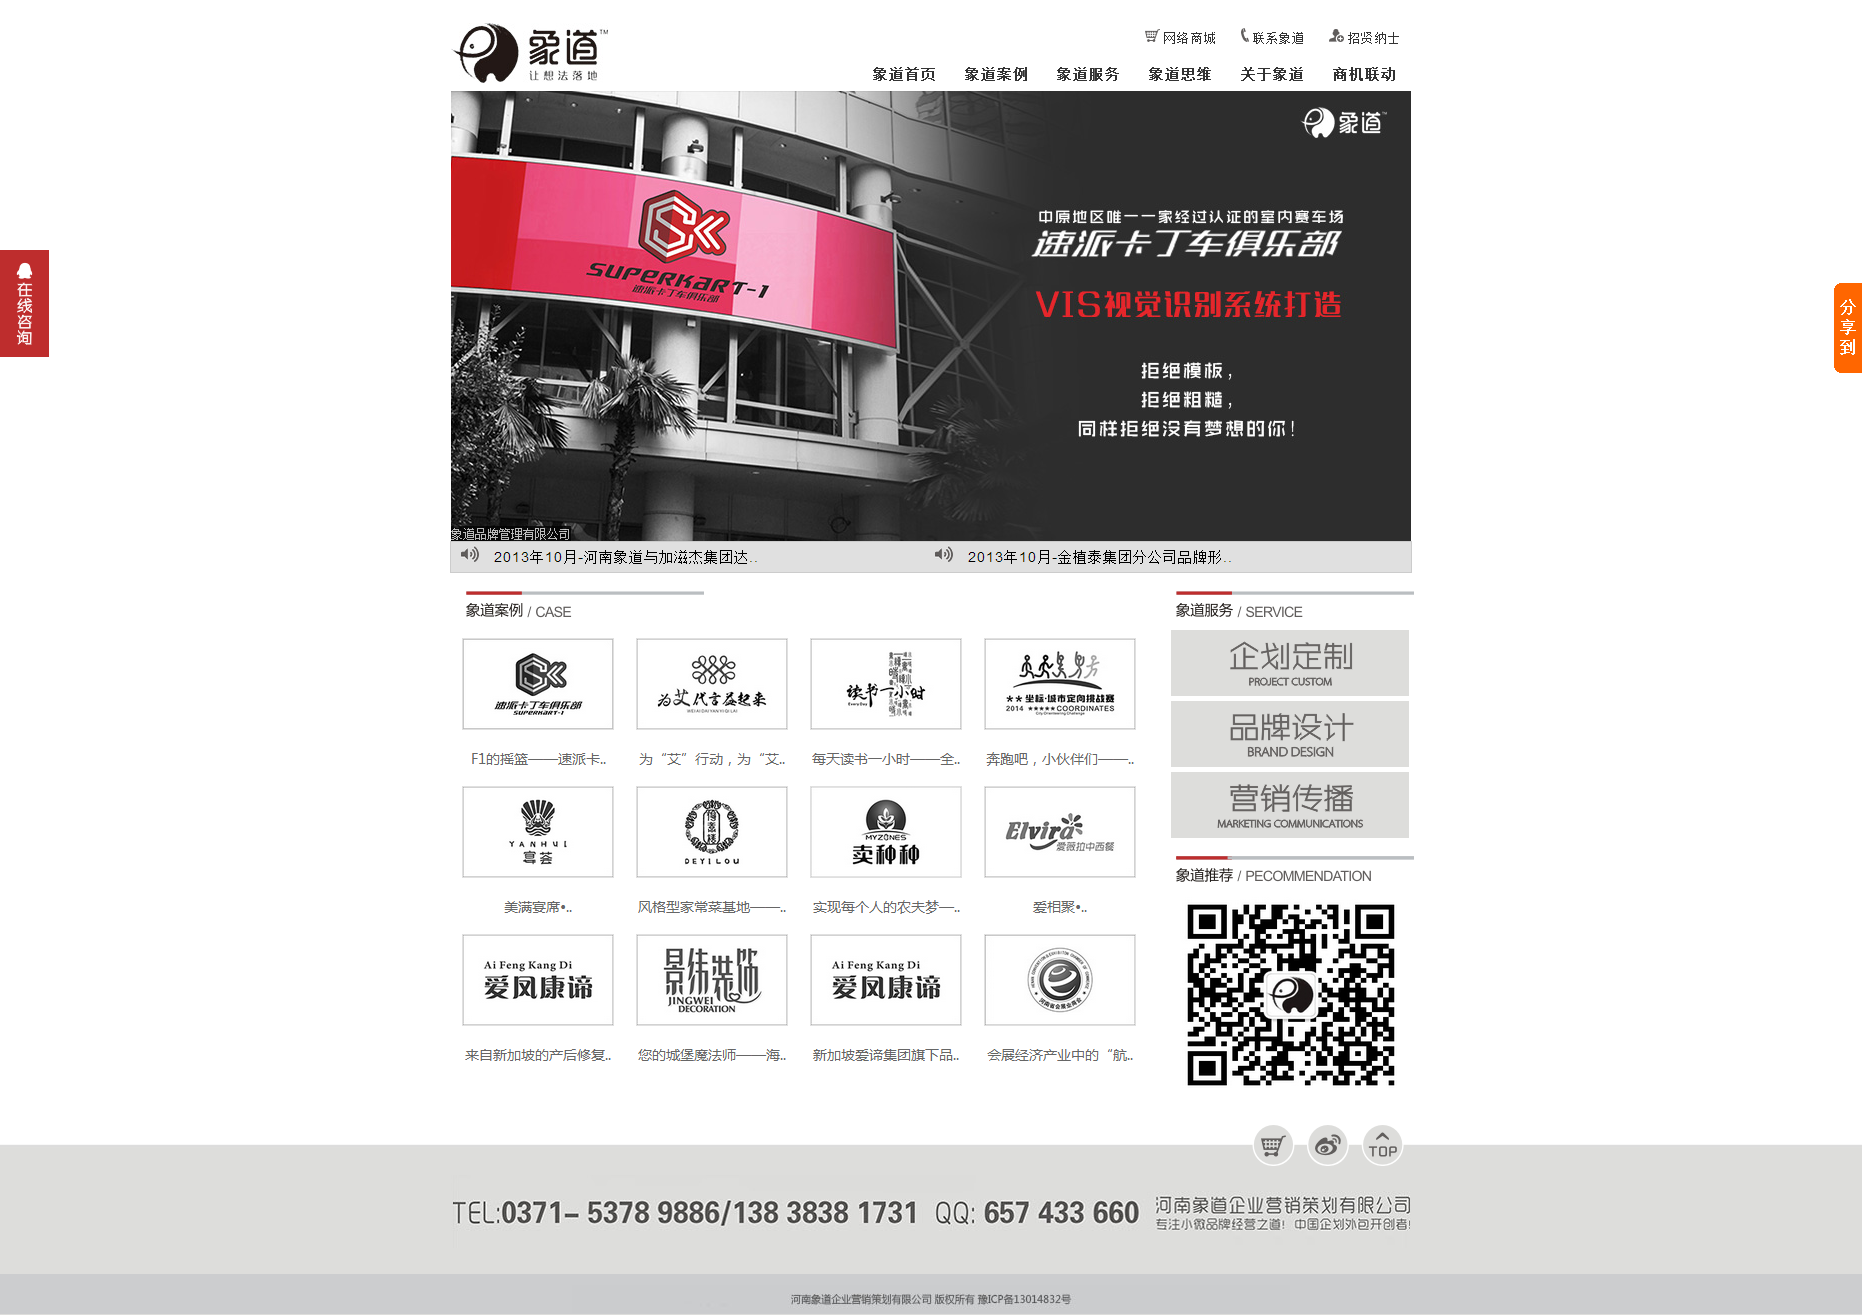 河南象道企业营销策划有限公司亿博国际网址策划